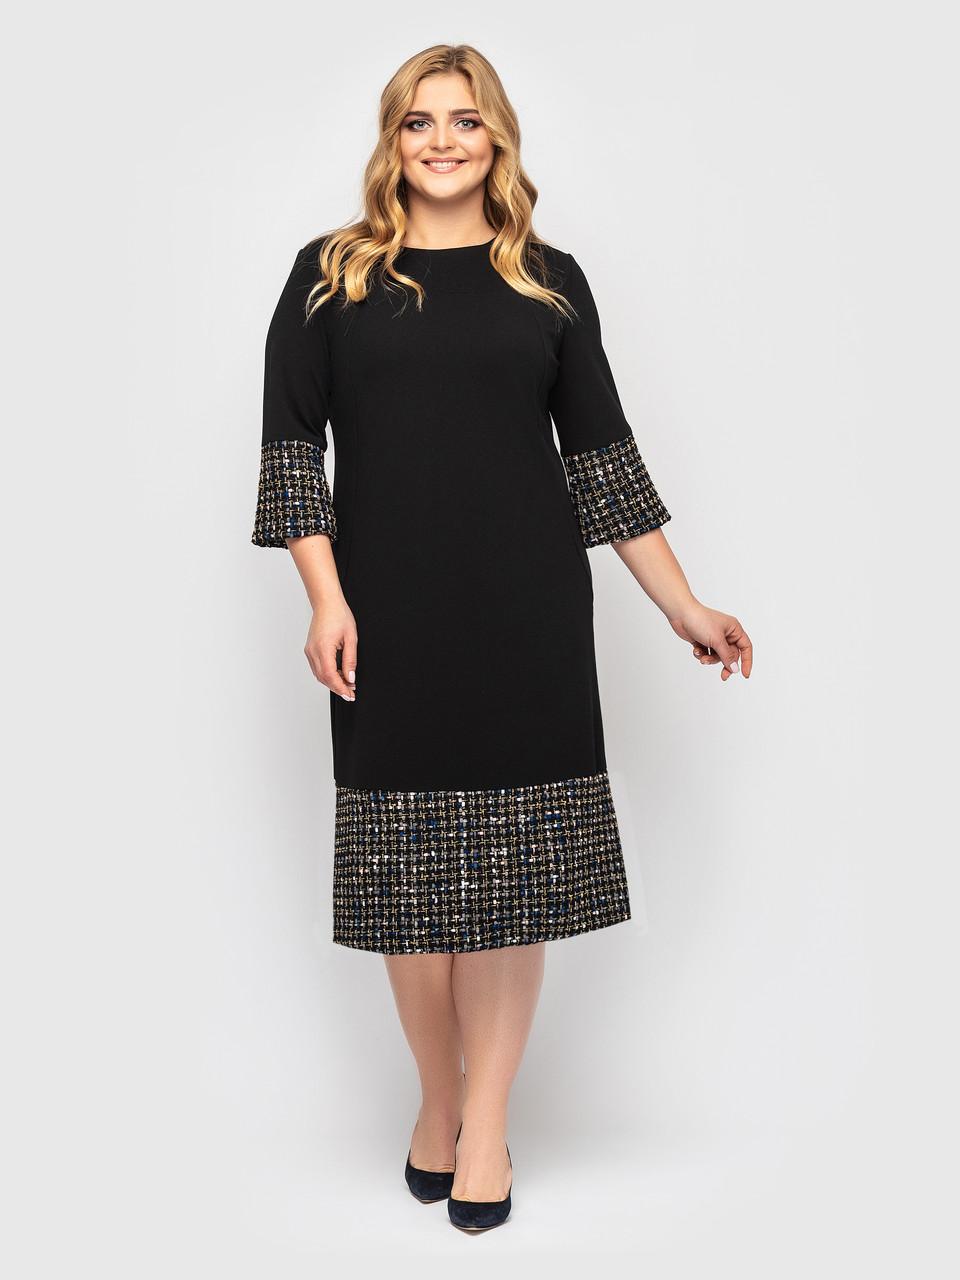 Красивое офисное нарядное платье из принтованного трикотажа Черное Большие размеры